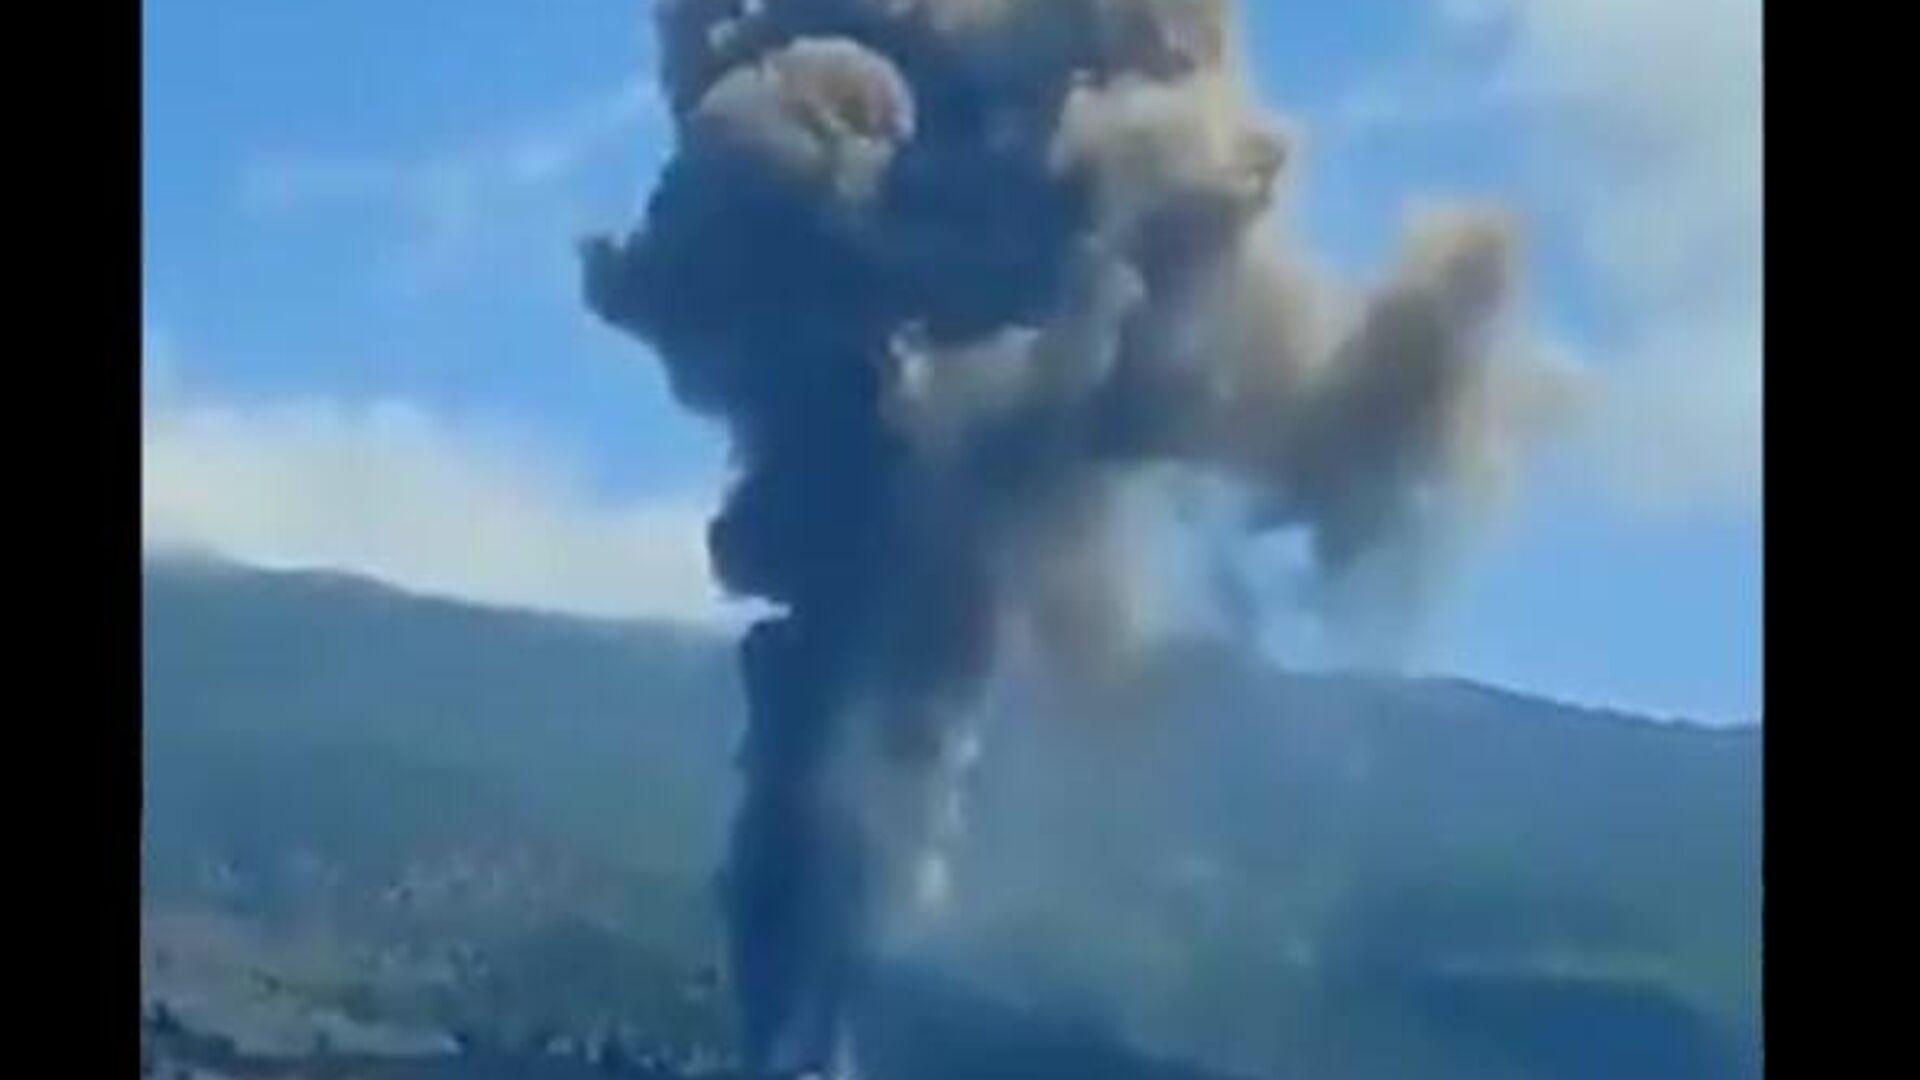 Volcanic eruption on Canary Island of La Palma, 19 September 2021 - Sputnik International, 1920, 19.09.2021